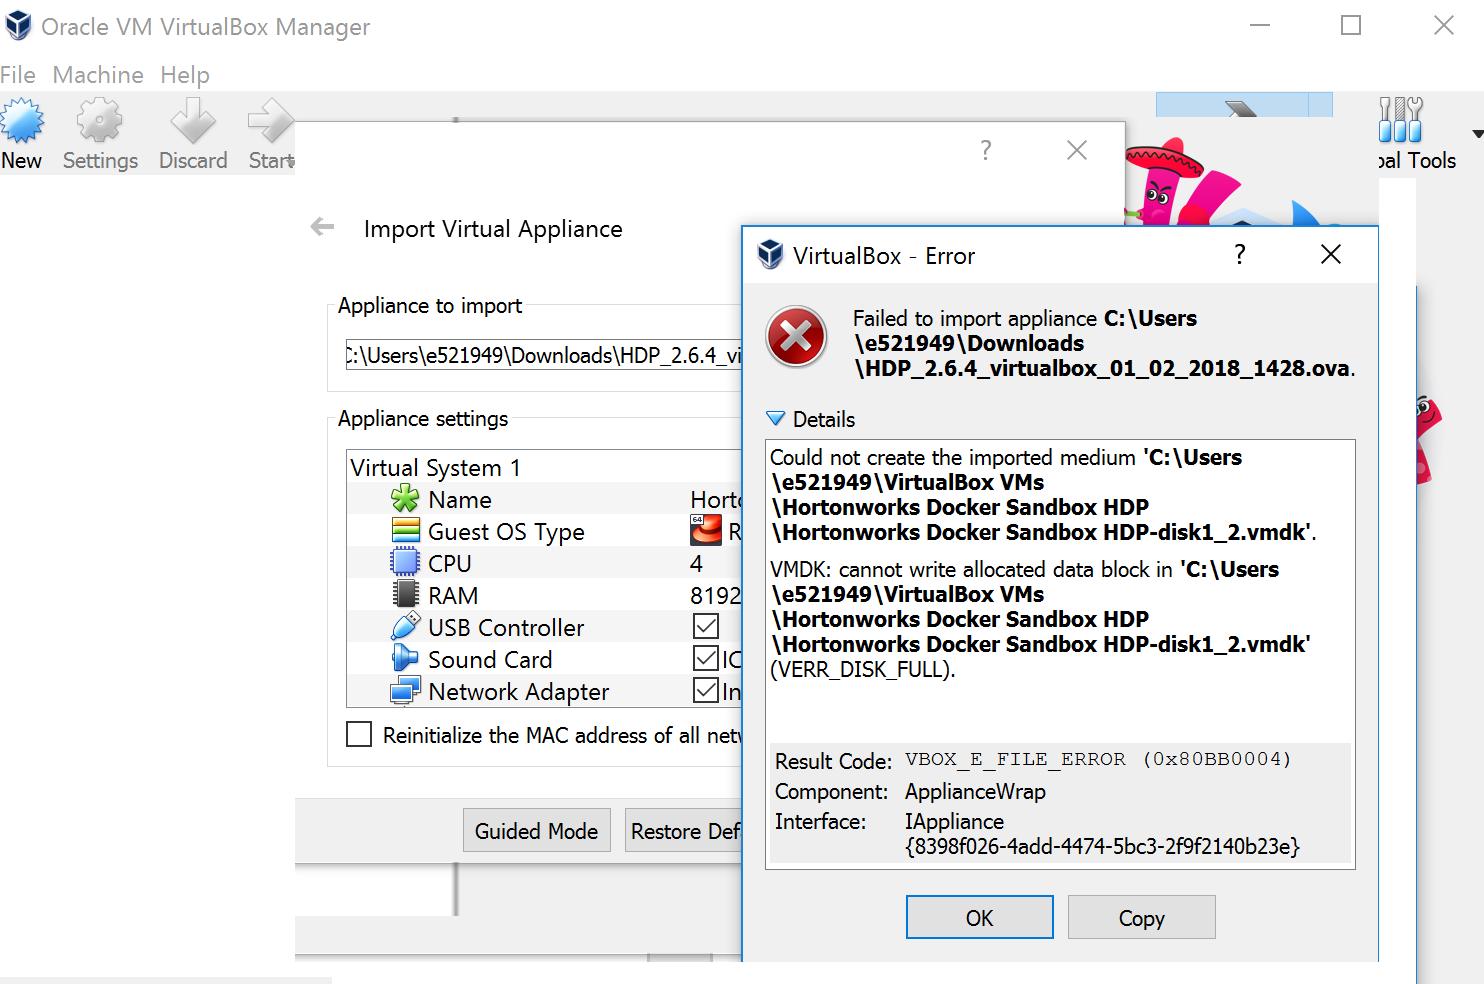 Virtual Box - Error - Cloudera Community